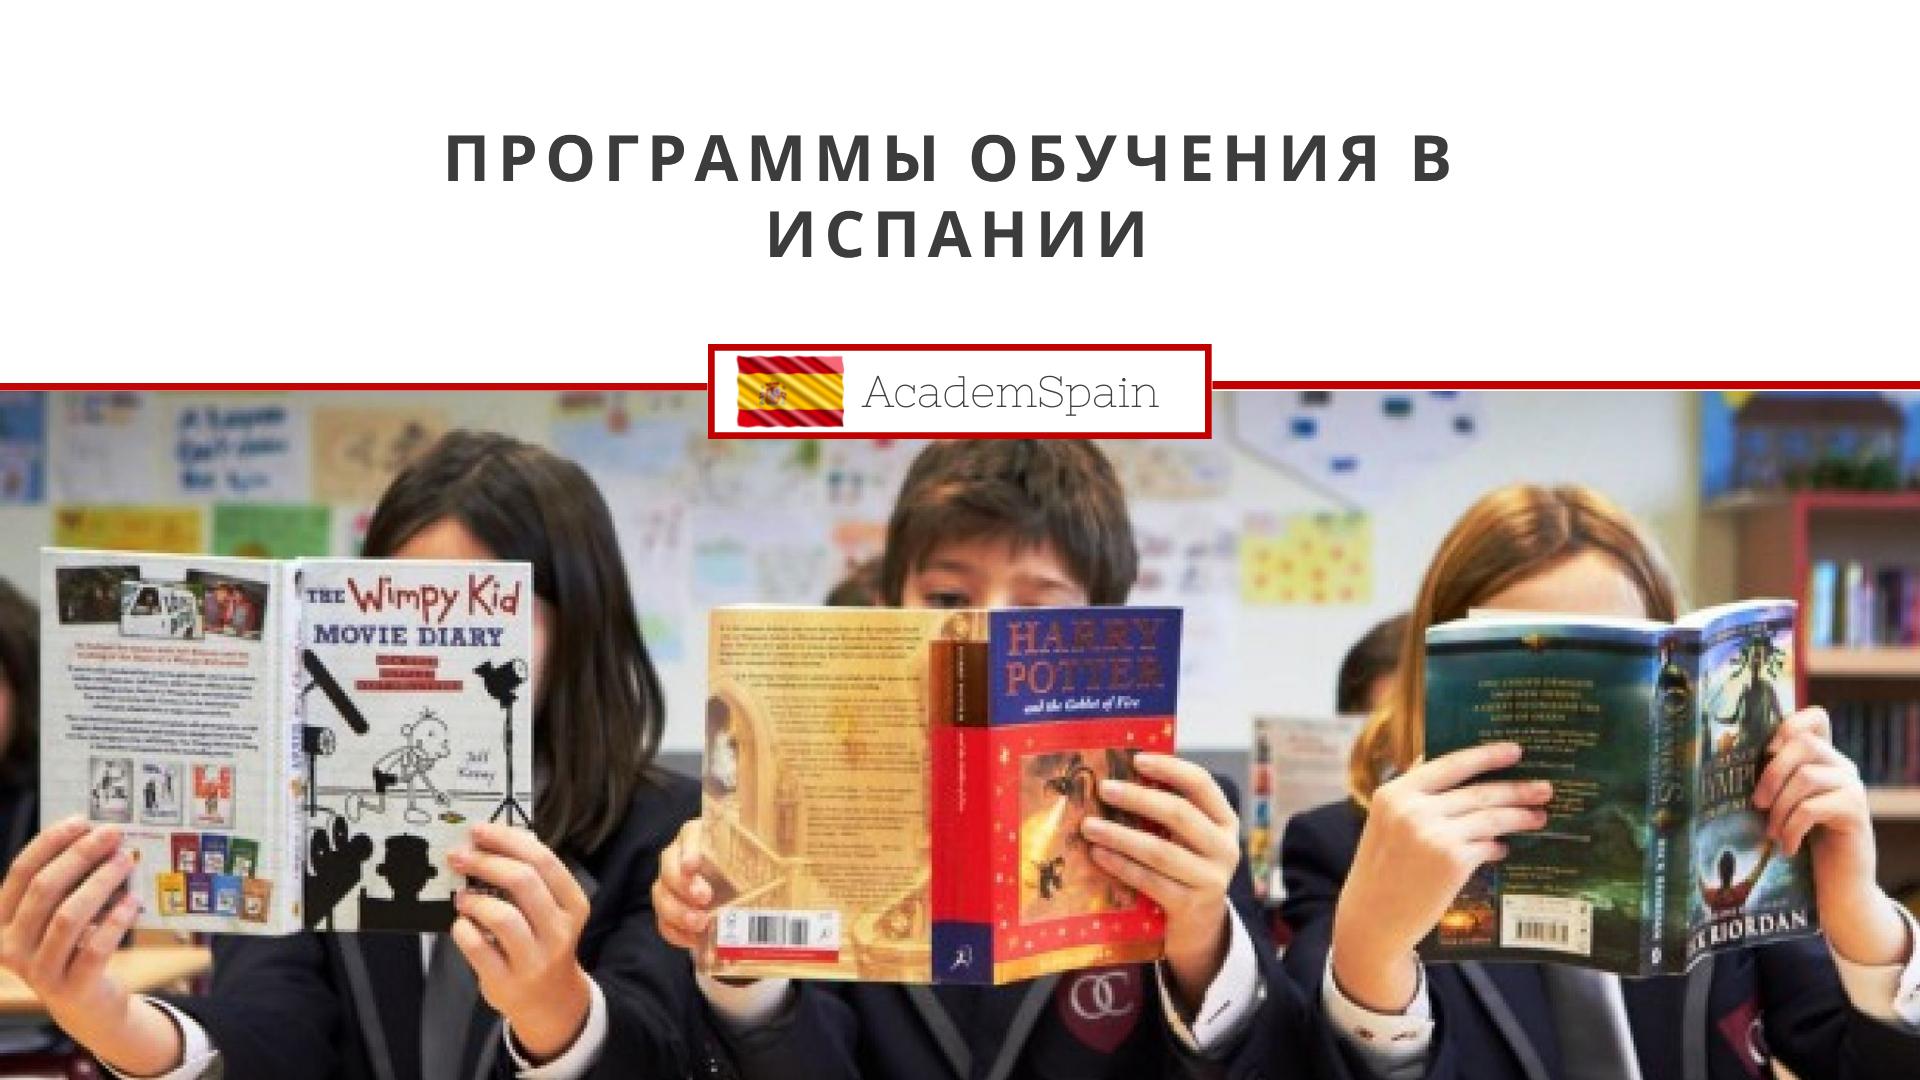 Программы обучения в Испании